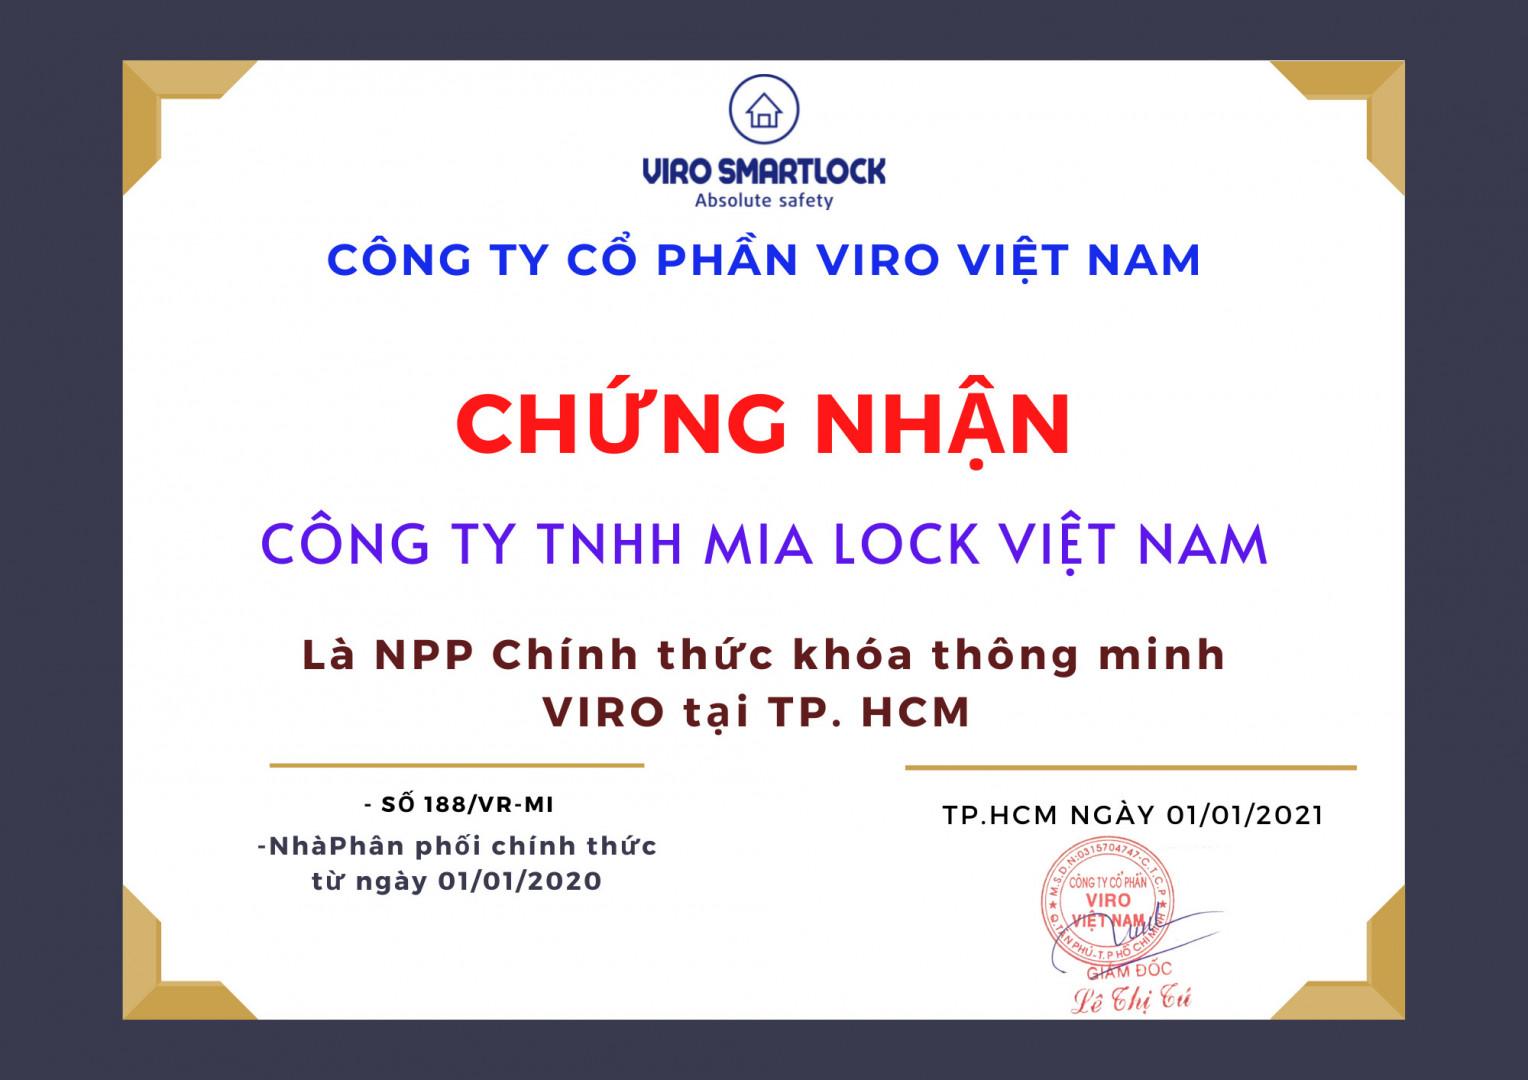 Nha Phan Phoi Viro